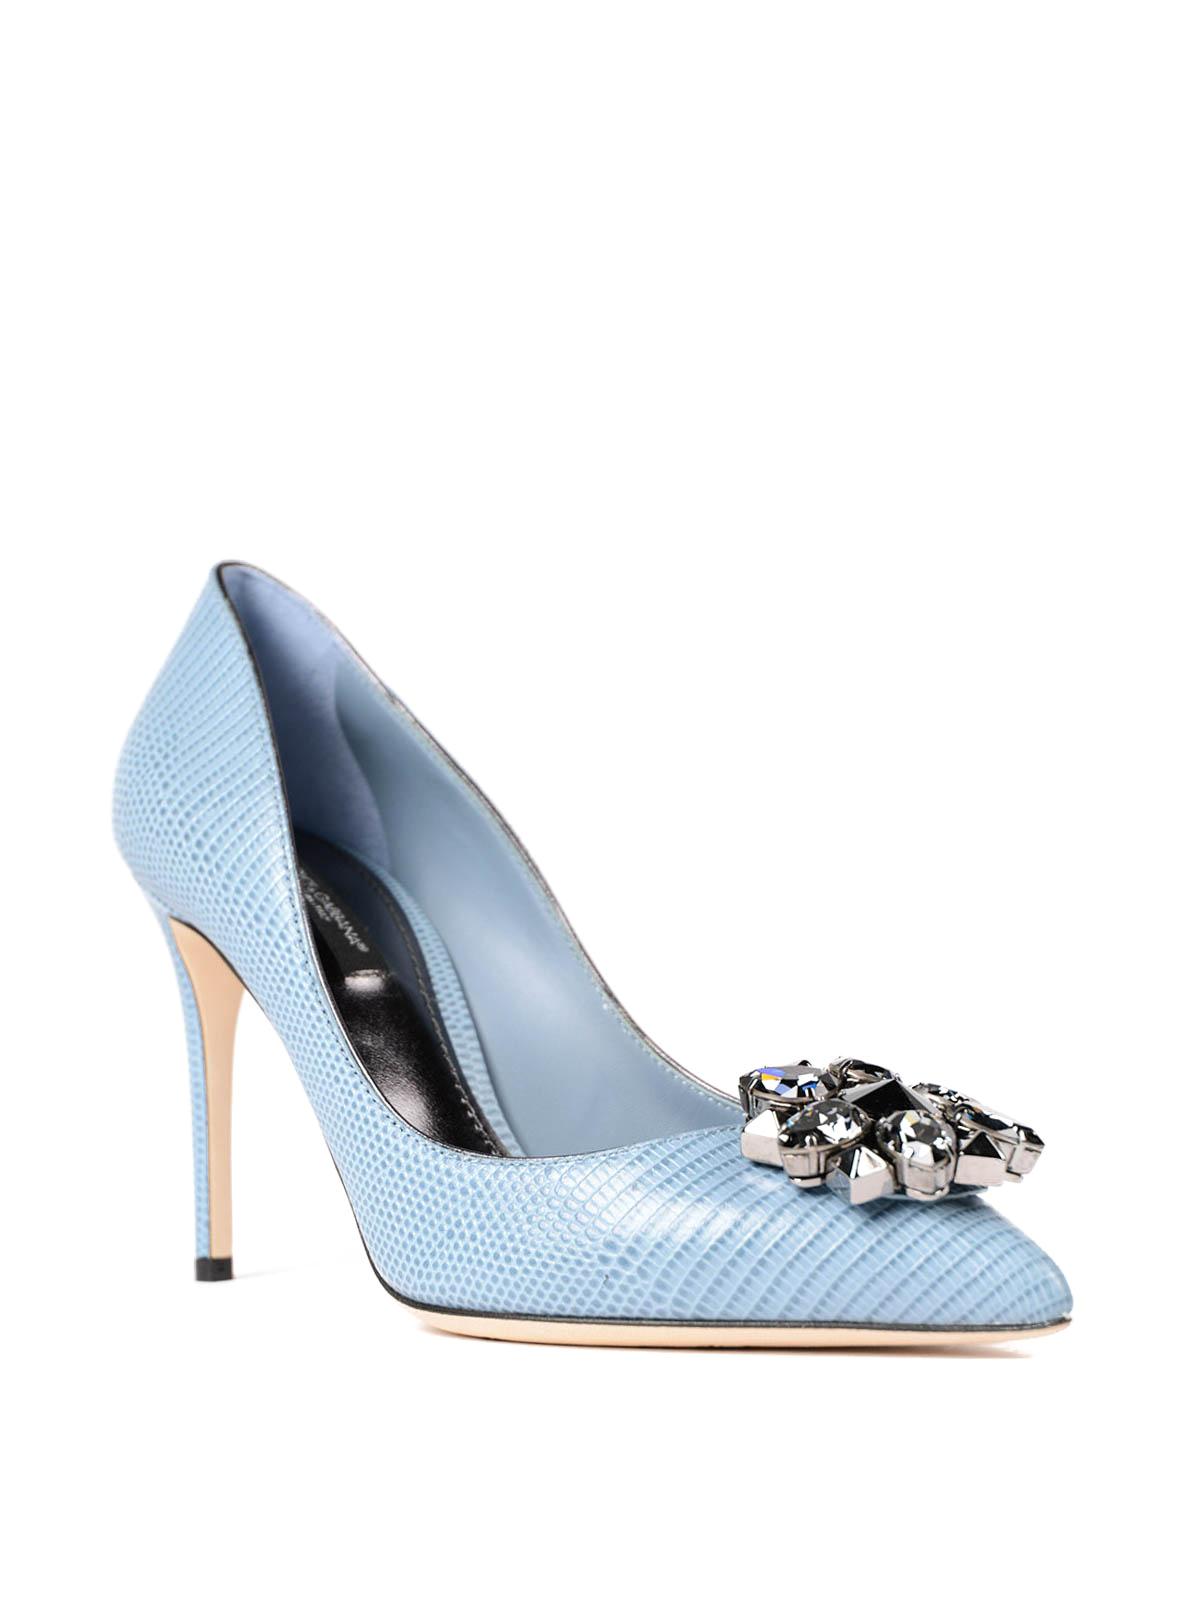 Salón Claro Zapatos De Gabbana Azul Dolceamp; MpqzUGSV